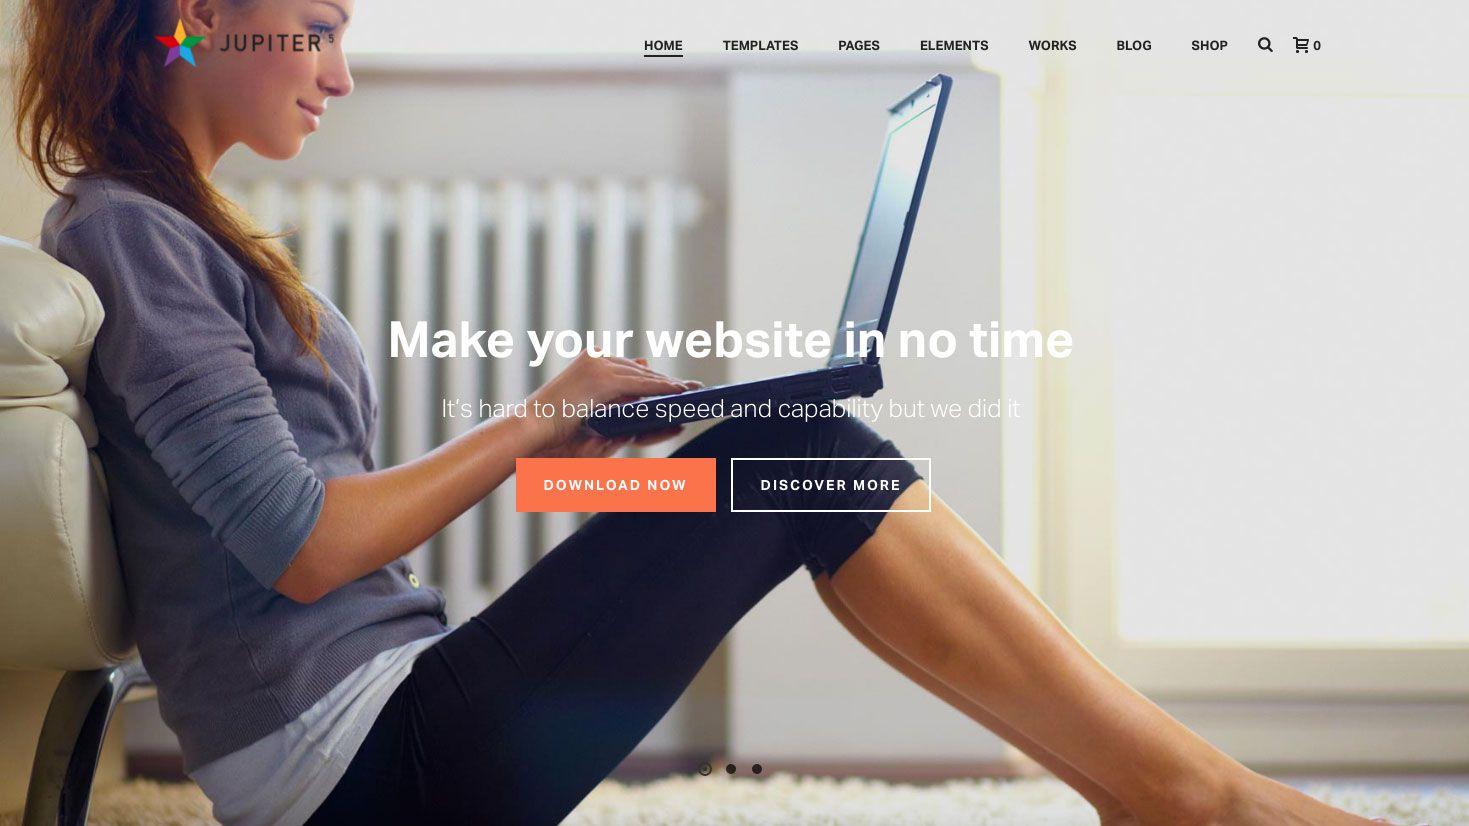 Website templates - Jupiter